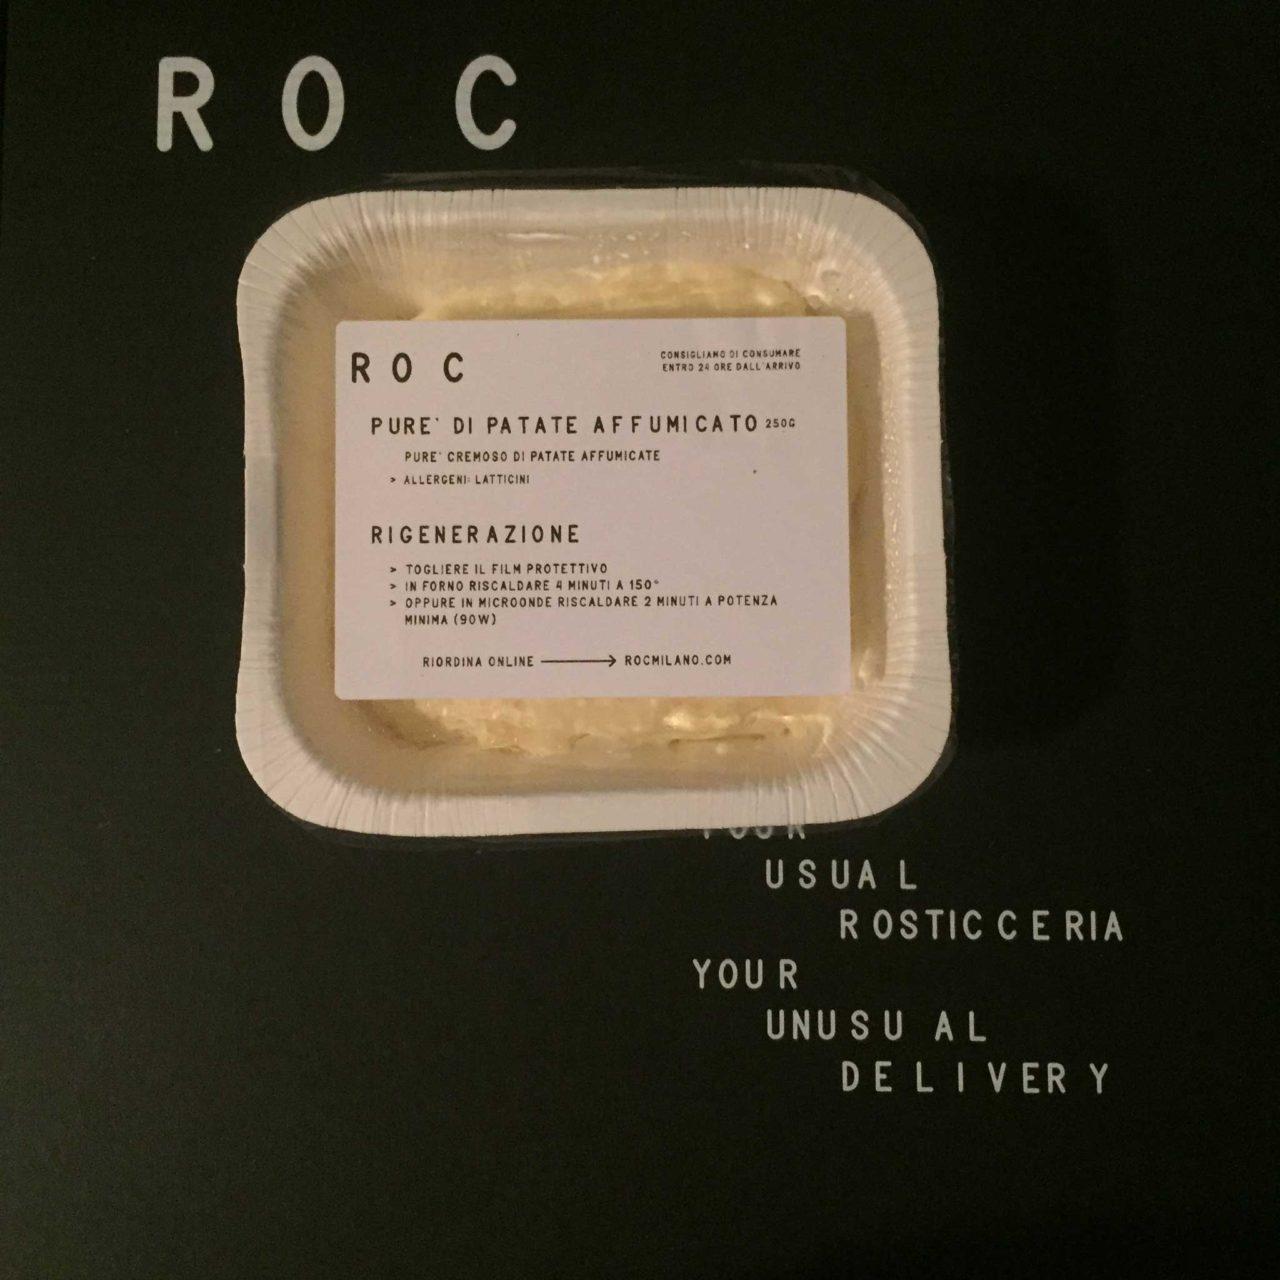 roc gastronomia contraste perdomo box pure